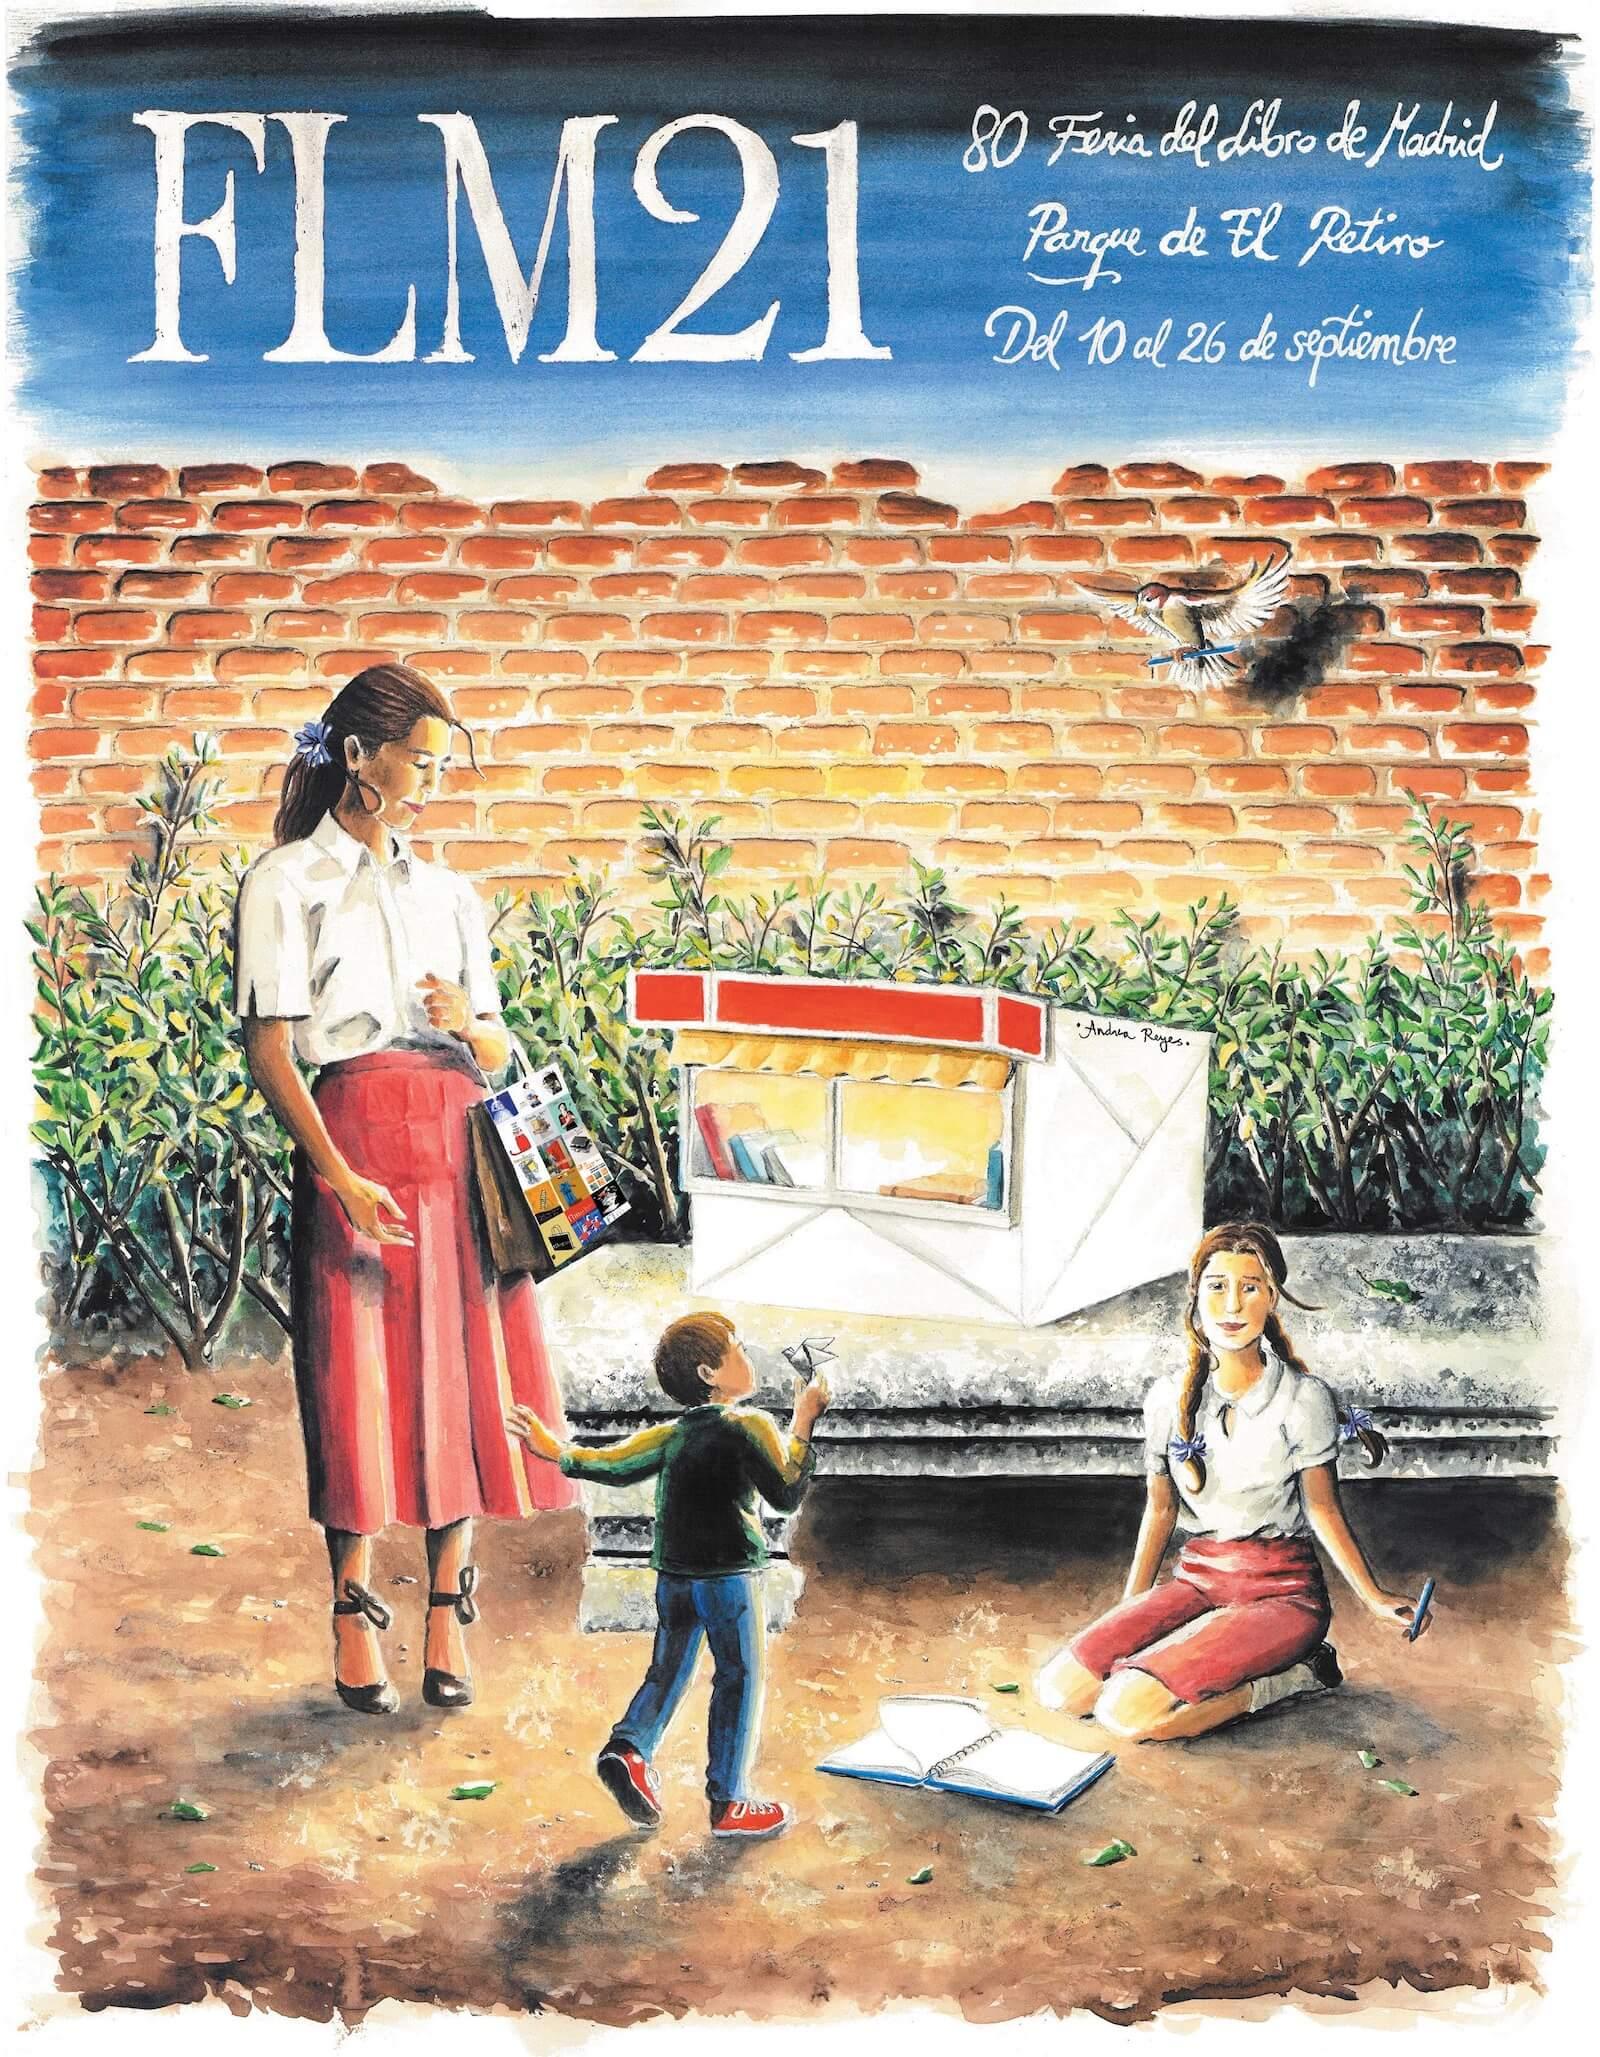 Cartel de la 80.ª Feria del Libro de Madrid, del 10 al 26 de septiembre de 2021 en el parque del Retiro.